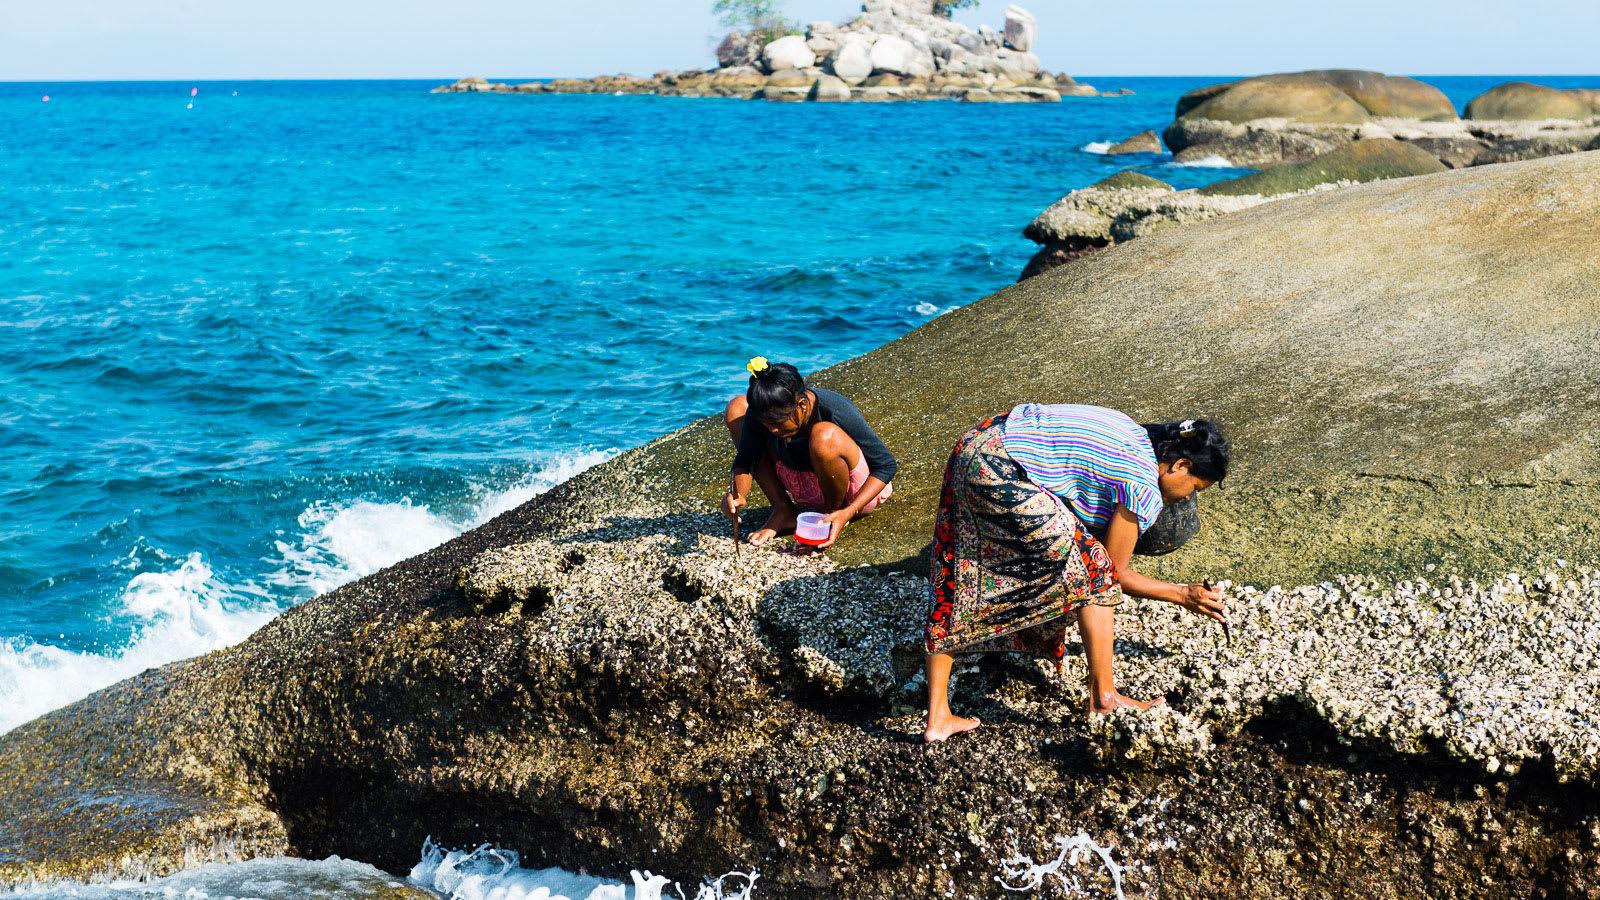 """يتميزون بقدرات فريدة تحت الماء.. هكذا تكيف """"شعب البحر"""" بتايلاند للحياة على اليابسة"""